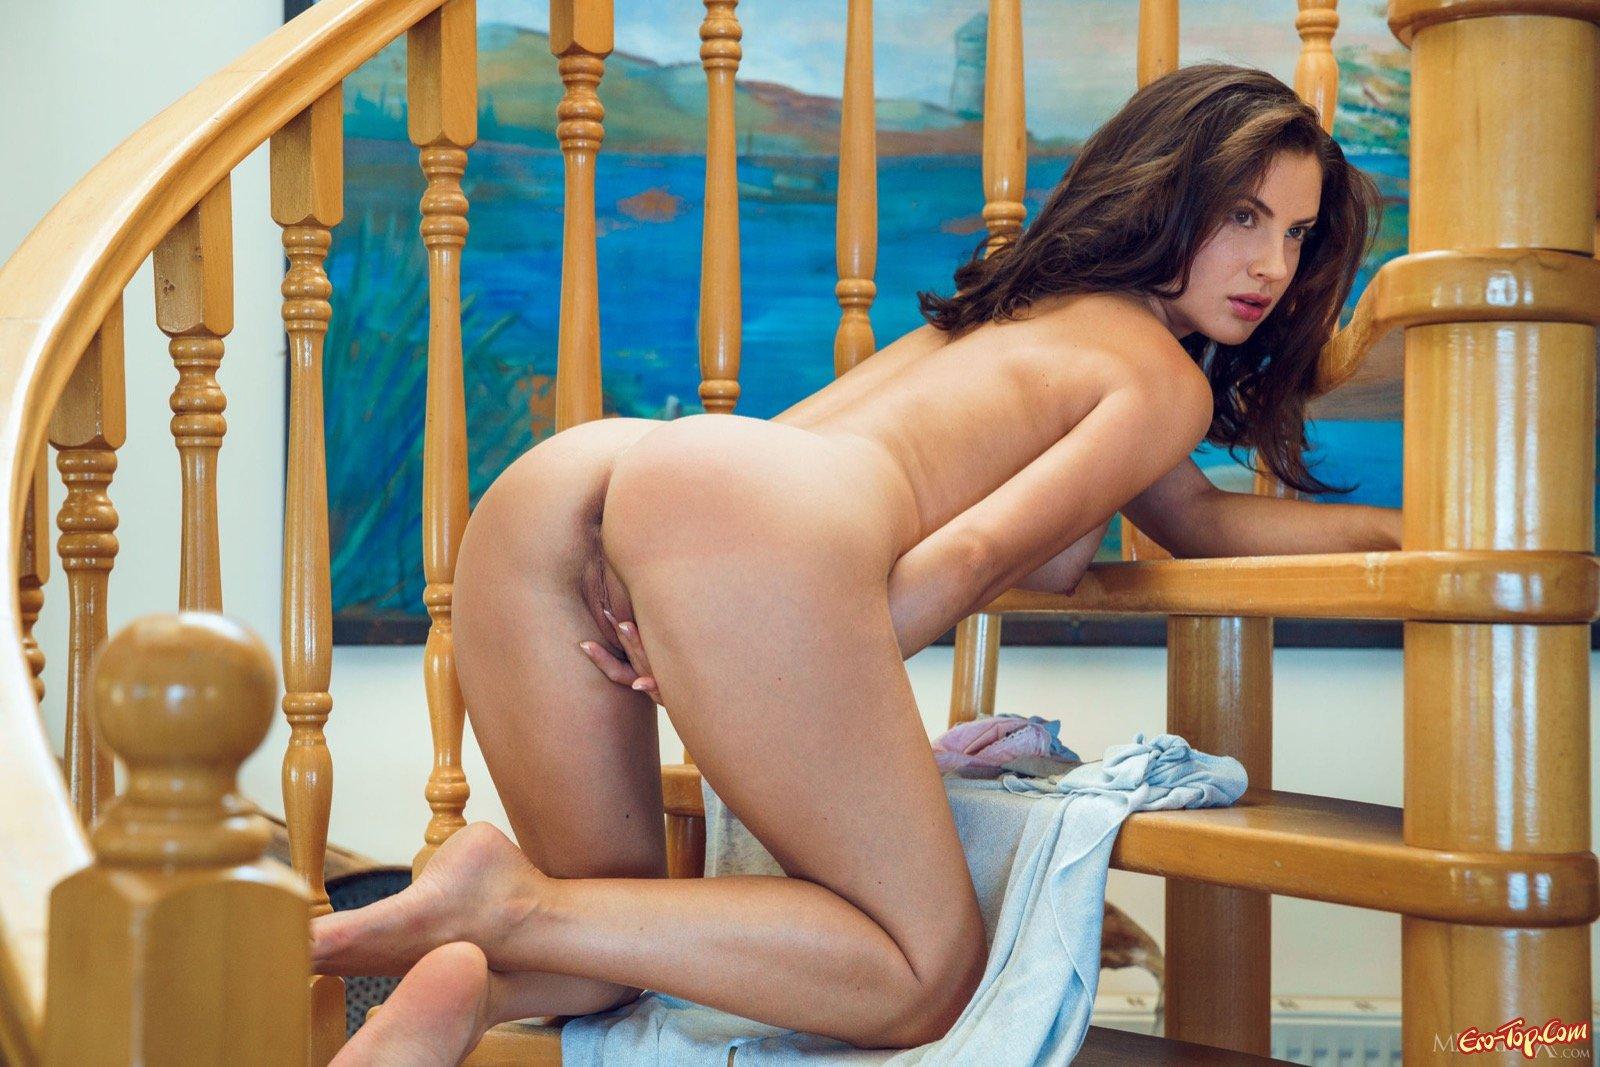 Молоденькая девушка оголилась на лестнице дома секс фото